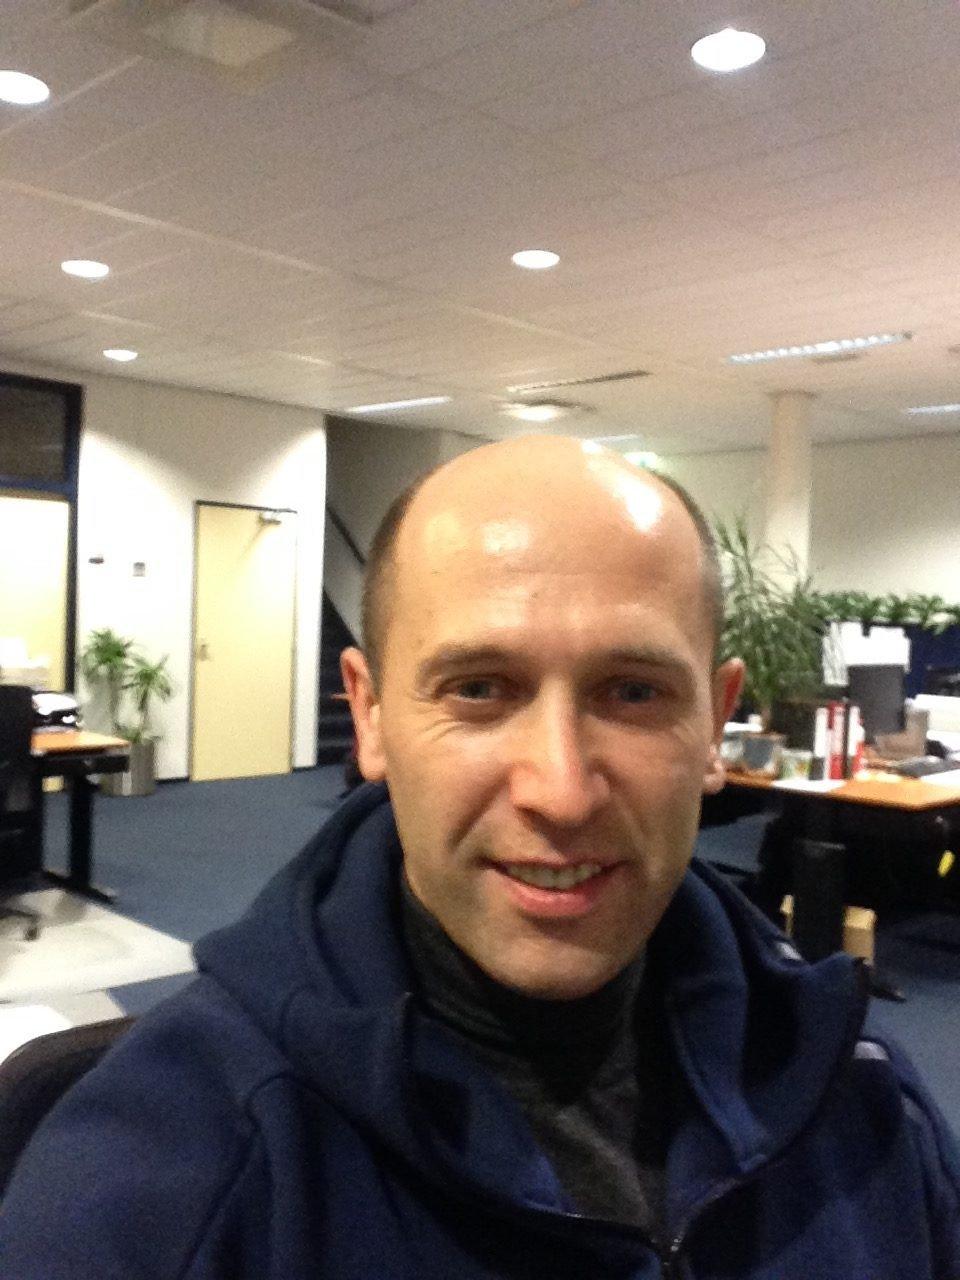 Paul  uit Gelderland,Nederland